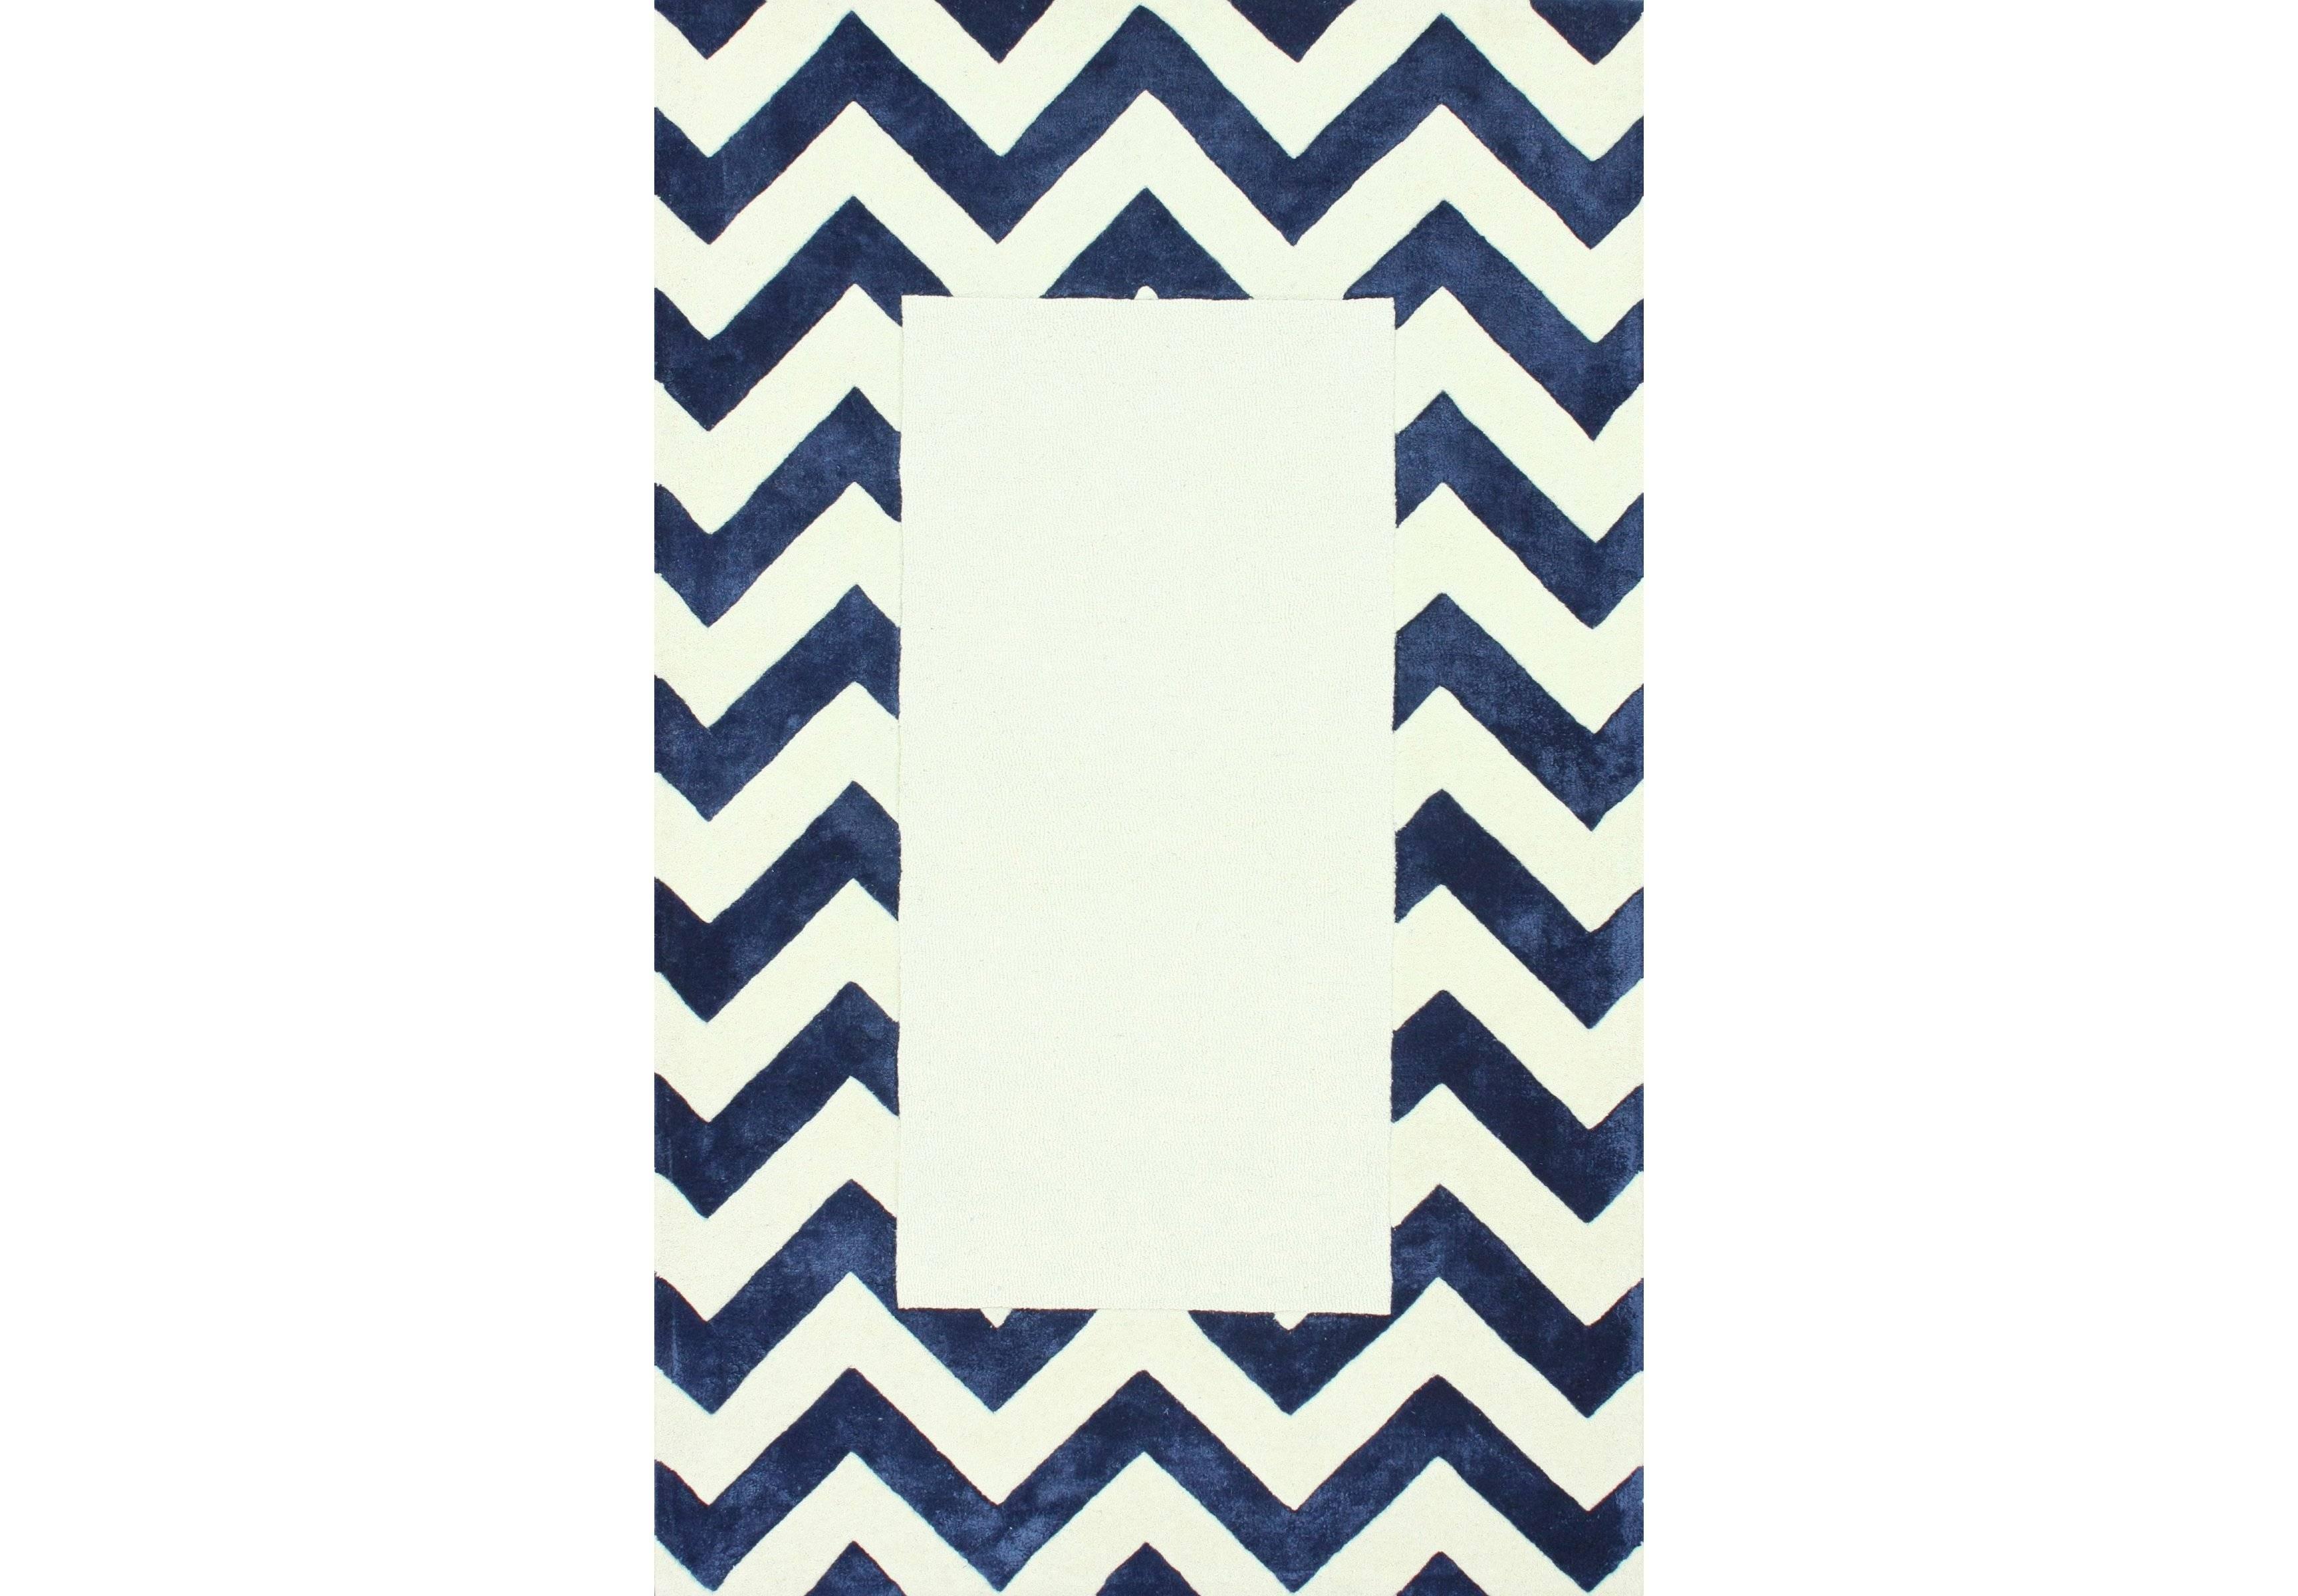 Ковер Zig-zag 200х140Прямоугольные ковры<br>Бело-синий ковер с рисунком зиг-заг (шеврон) искусно сочетает в себе модный рисунок и классику вне времени. Ковер с таким узором легко сделает современным, интерьер в любой комнате. Выполненный по технологии ручного тафтинга, из настоящей шерсти — придаст тепла и мягкости вашим полам.&amp;amp;nbsp;&amp;lt;div&amp;gt;&amp;lt;br&amp;gt;&amp;lt;/div&amp;gt;&amp;lt;div&amp;gt;Ковер может быть изготовлен в любом из широкого спектра цветов: серый, черный, светло-голубой, бежевый, горчичный, синий, голубой, темно-синий, зеленый, кремовый, розовый, оранжевый.&amp;lt;/div&amp;gt;<br><br>Material: Шерсть<br>Ширина см: 140<br>Глубина см: 200